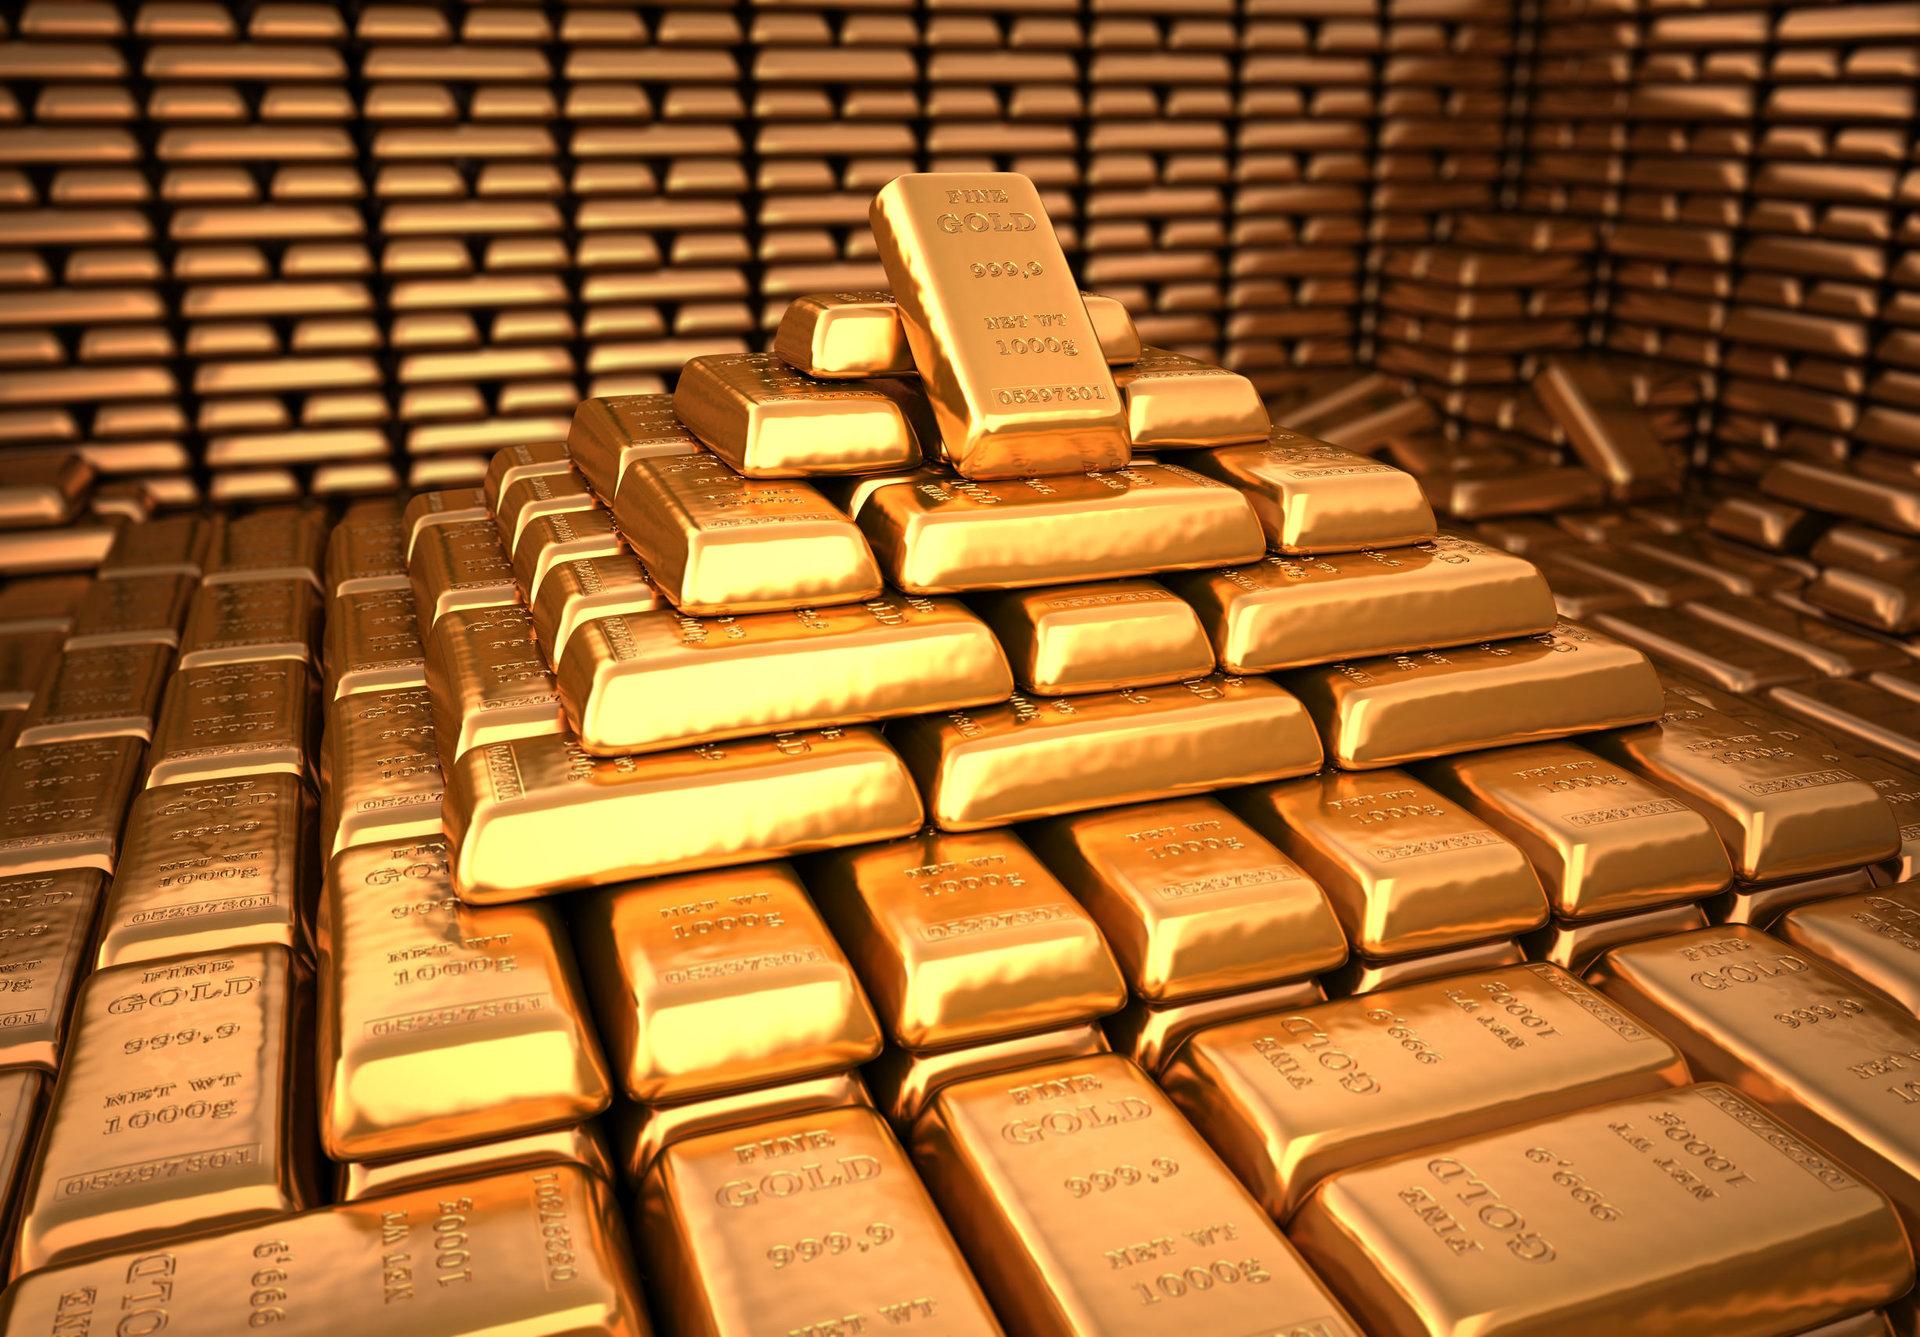 aukso sistemų prekyba elito prekybos signalai